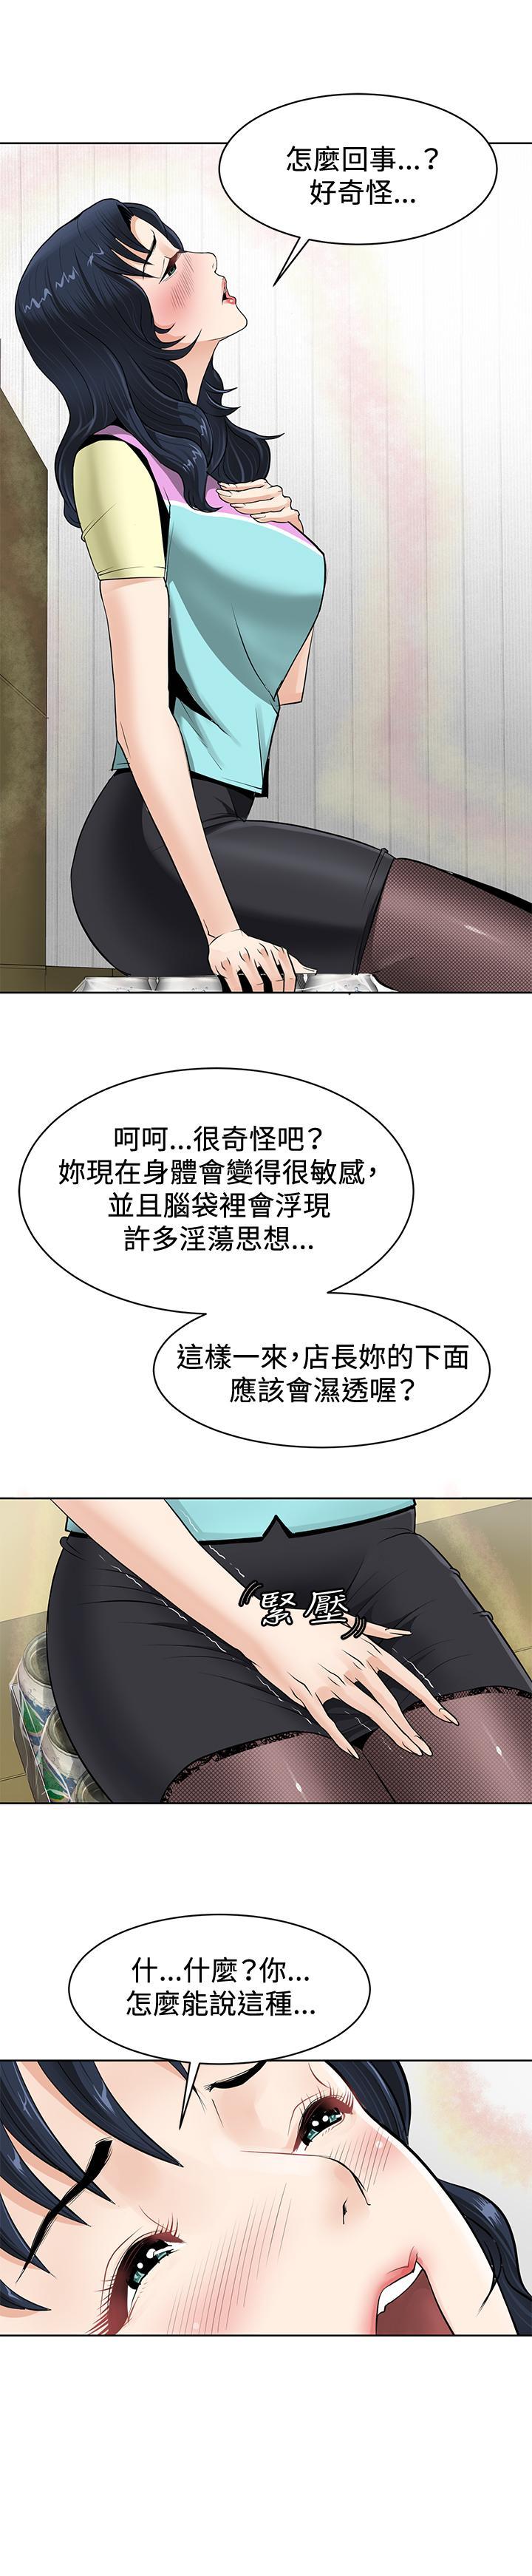 催眠师 第1話 [Chinese]中文 6